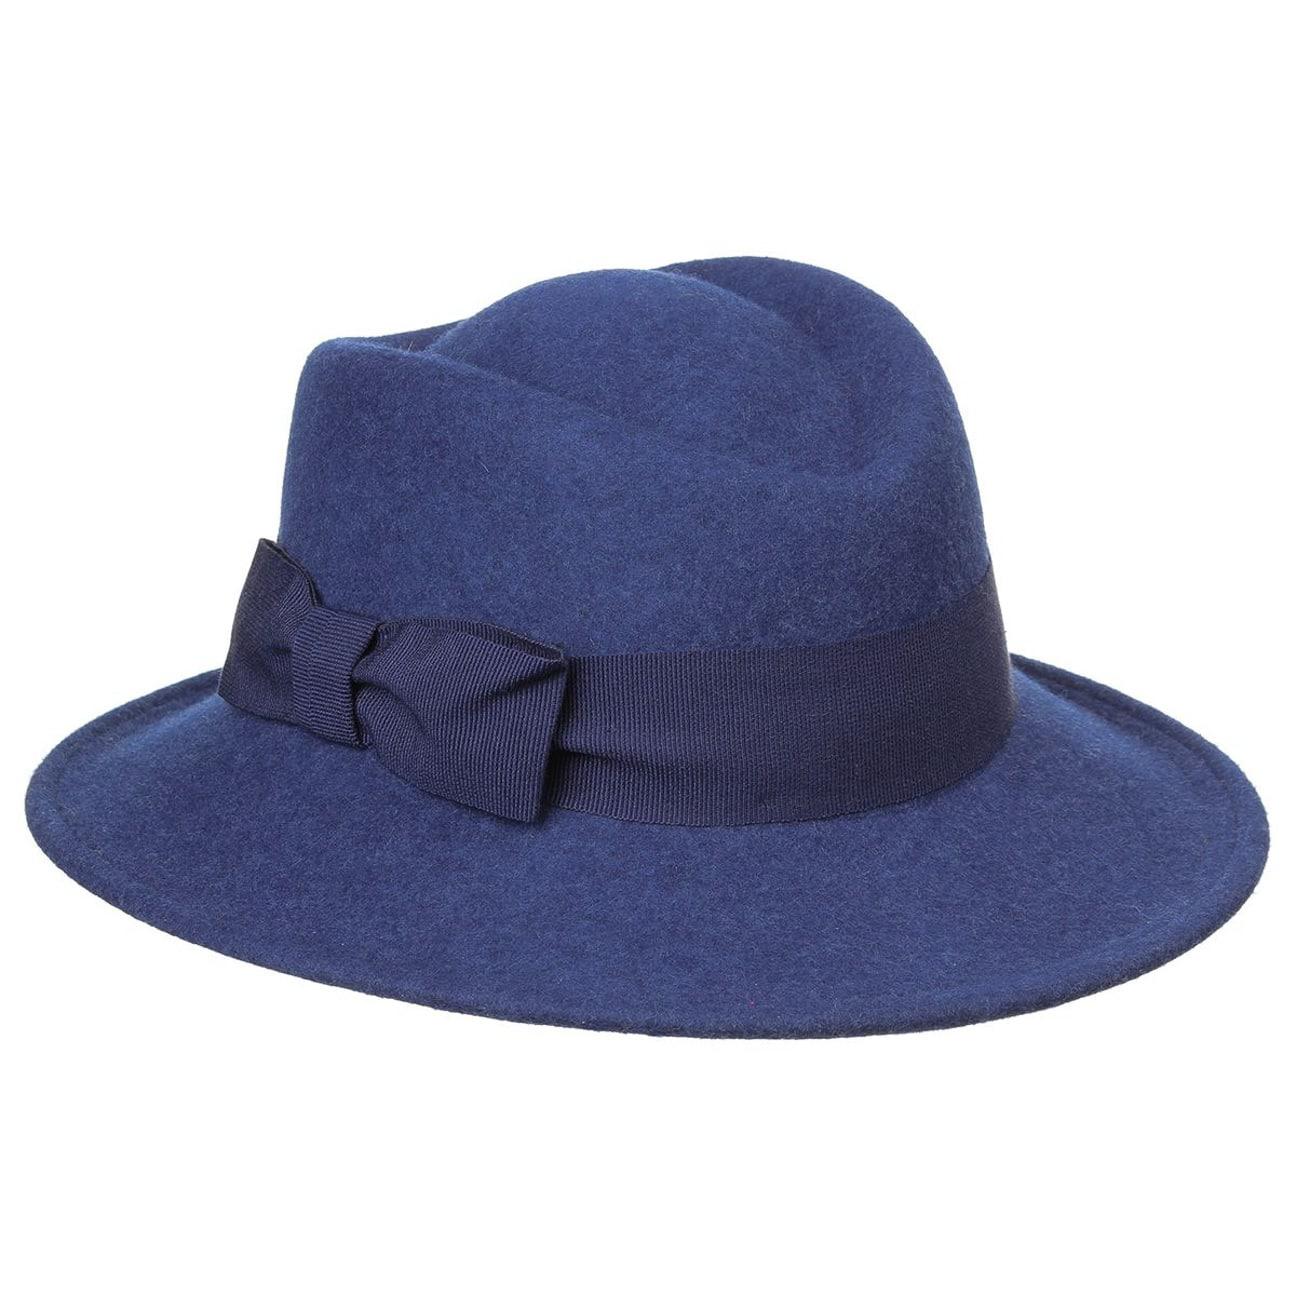 16551e96c8c34 Sombrero Fieltro Mujer Melange by McBURN - Sombreros - sombreroshop.es